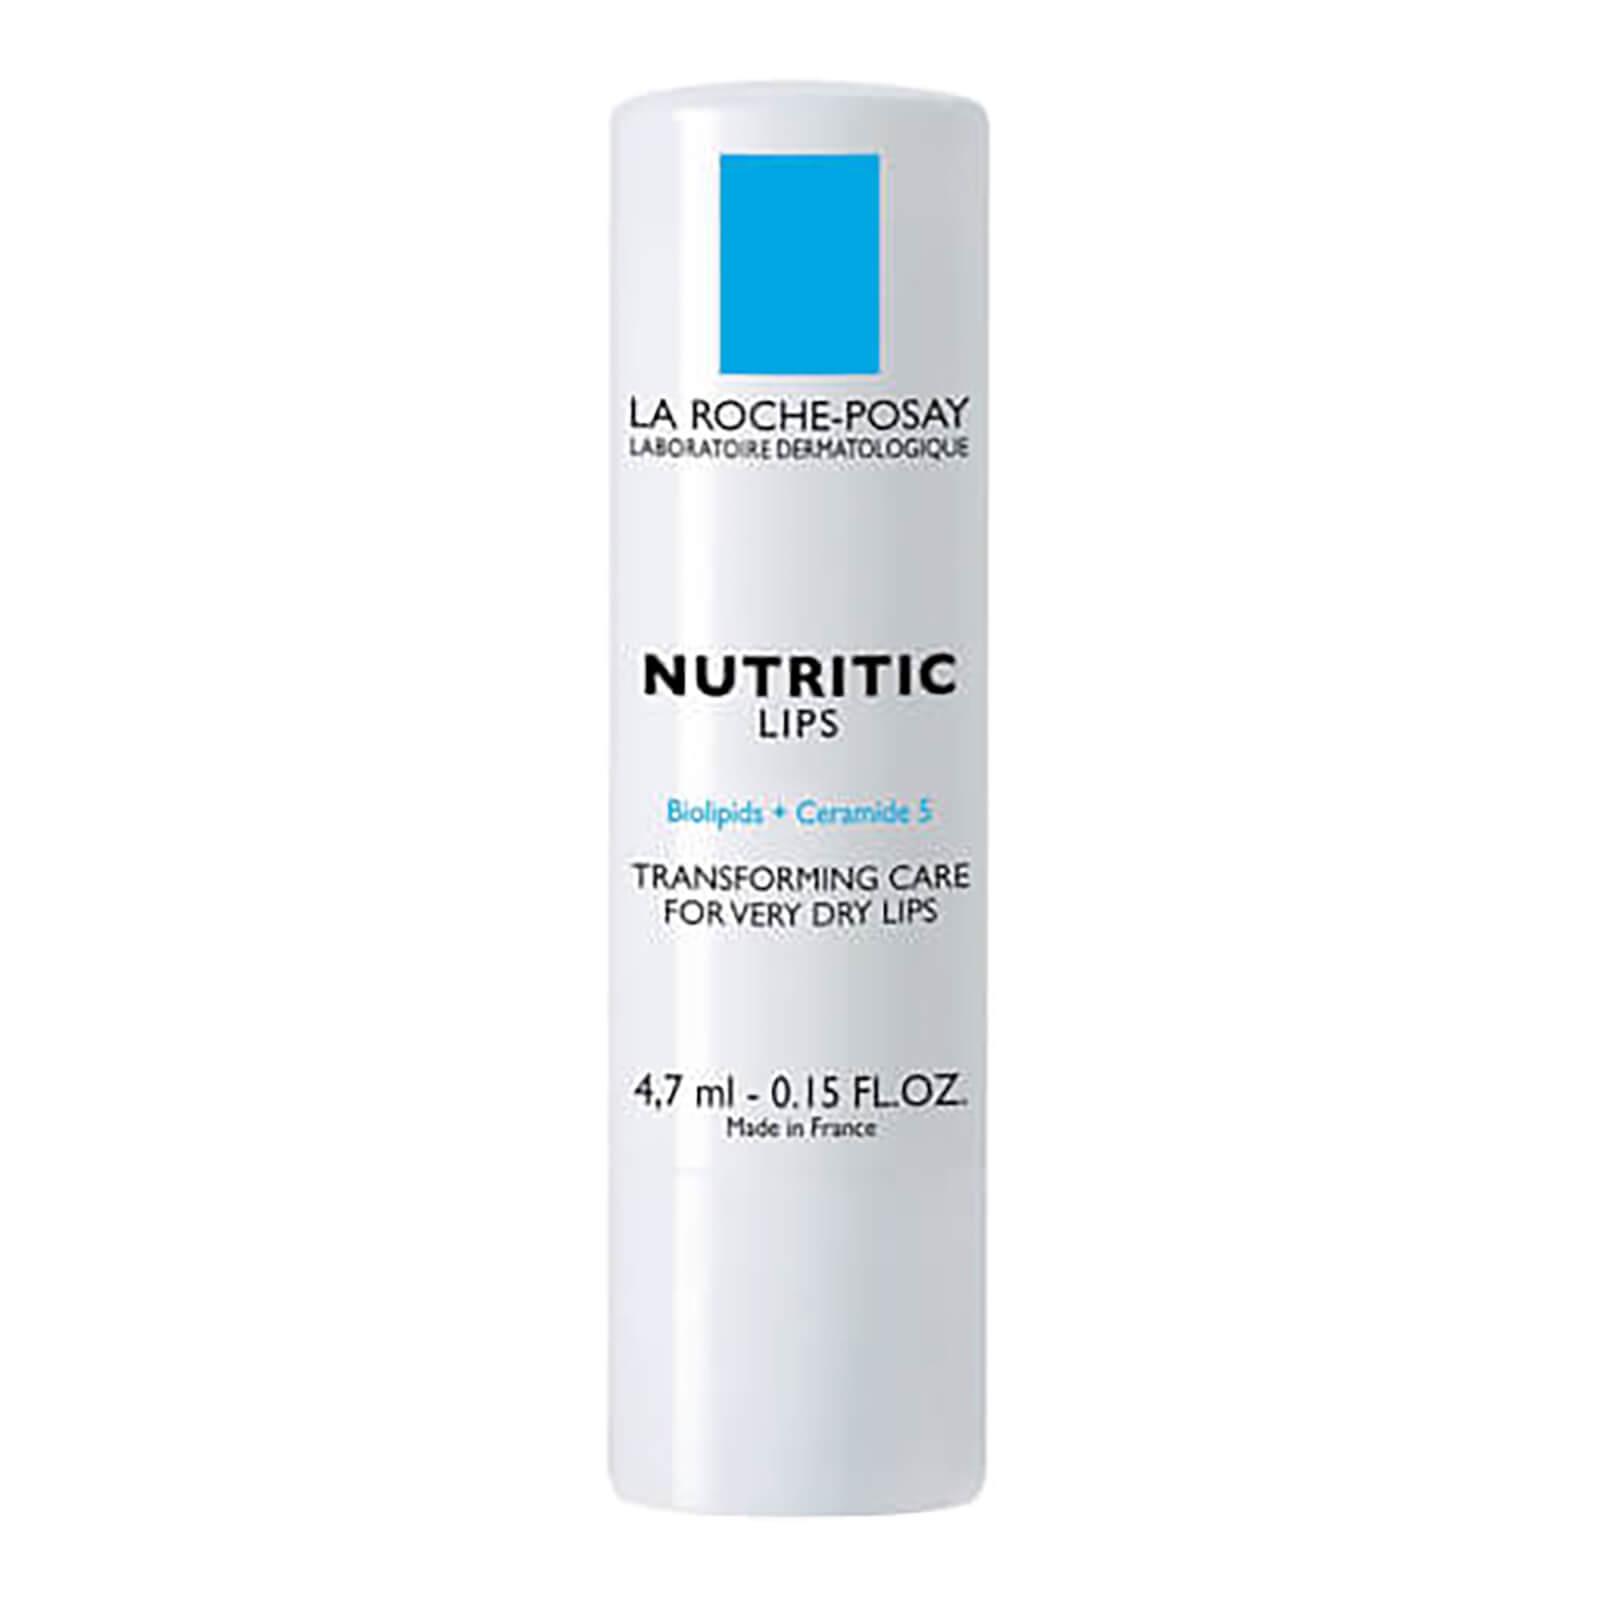 La Roche-Posay Nutritic Lip 4.7ml